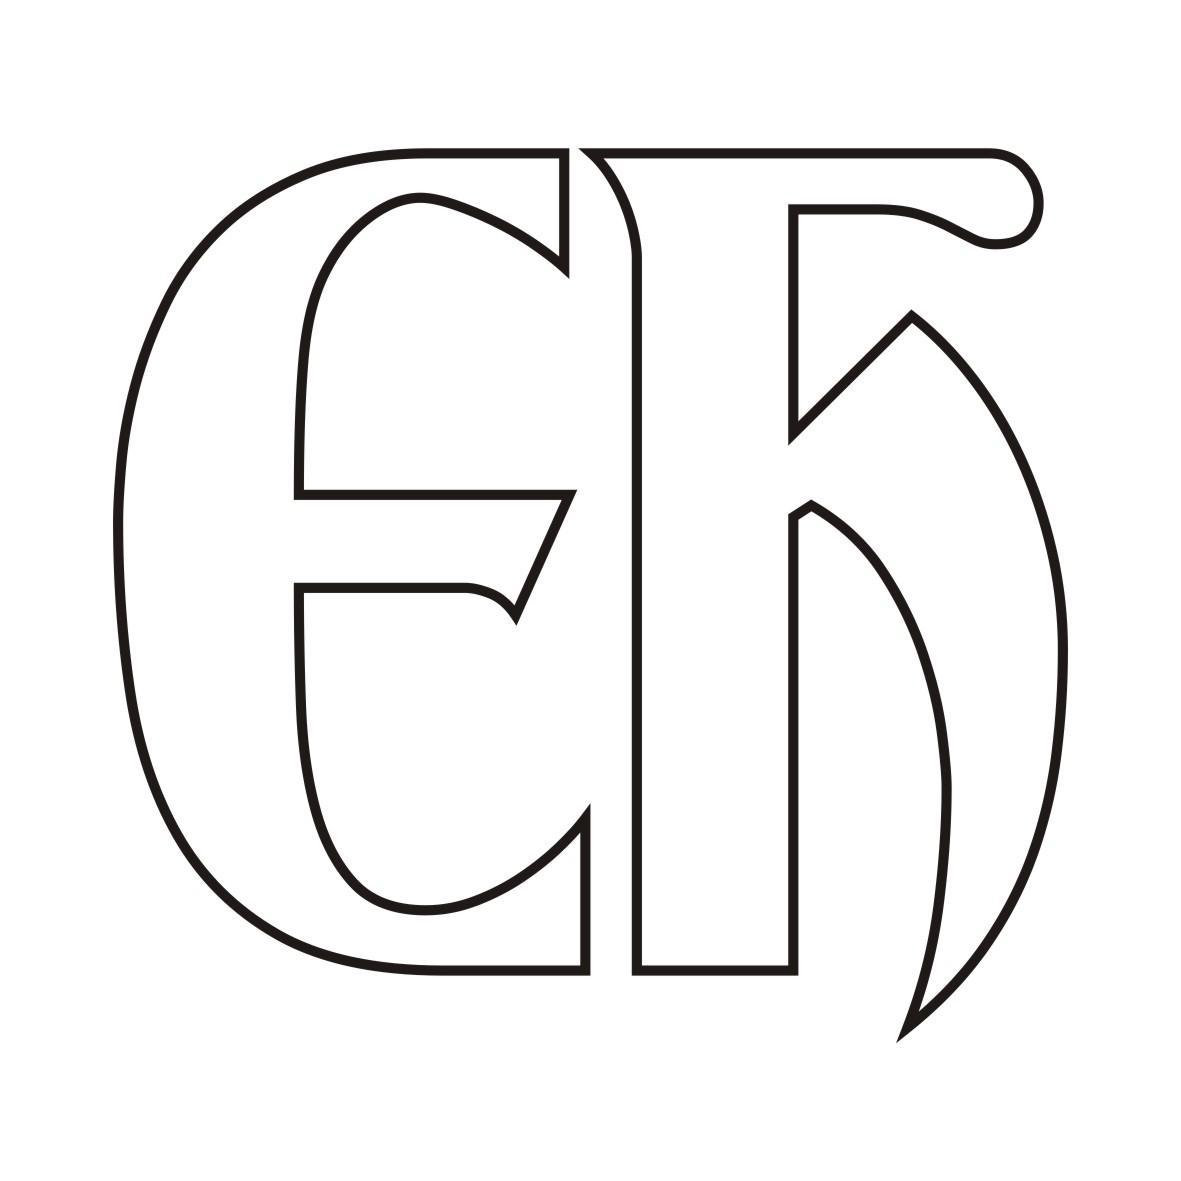 09类-科学仪器EH商标转让